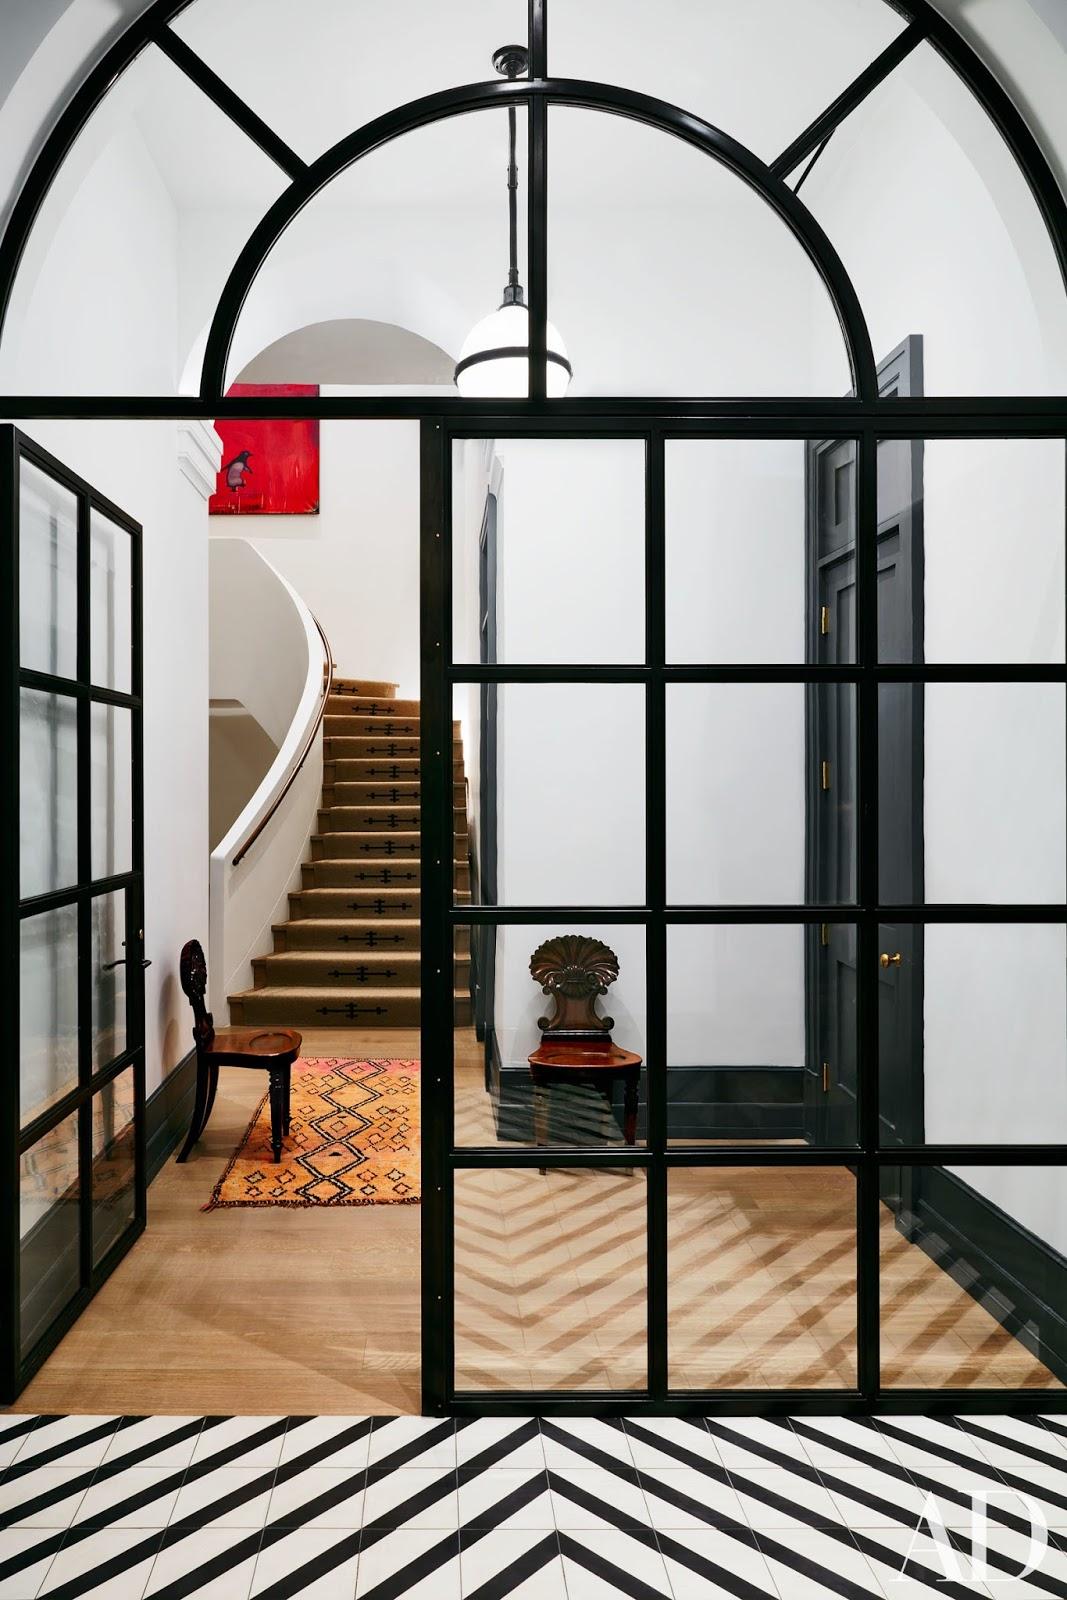 01ab01a866410 loveisspeed.......: Naomi Watts and Liev Schreiber's Stunning New ...